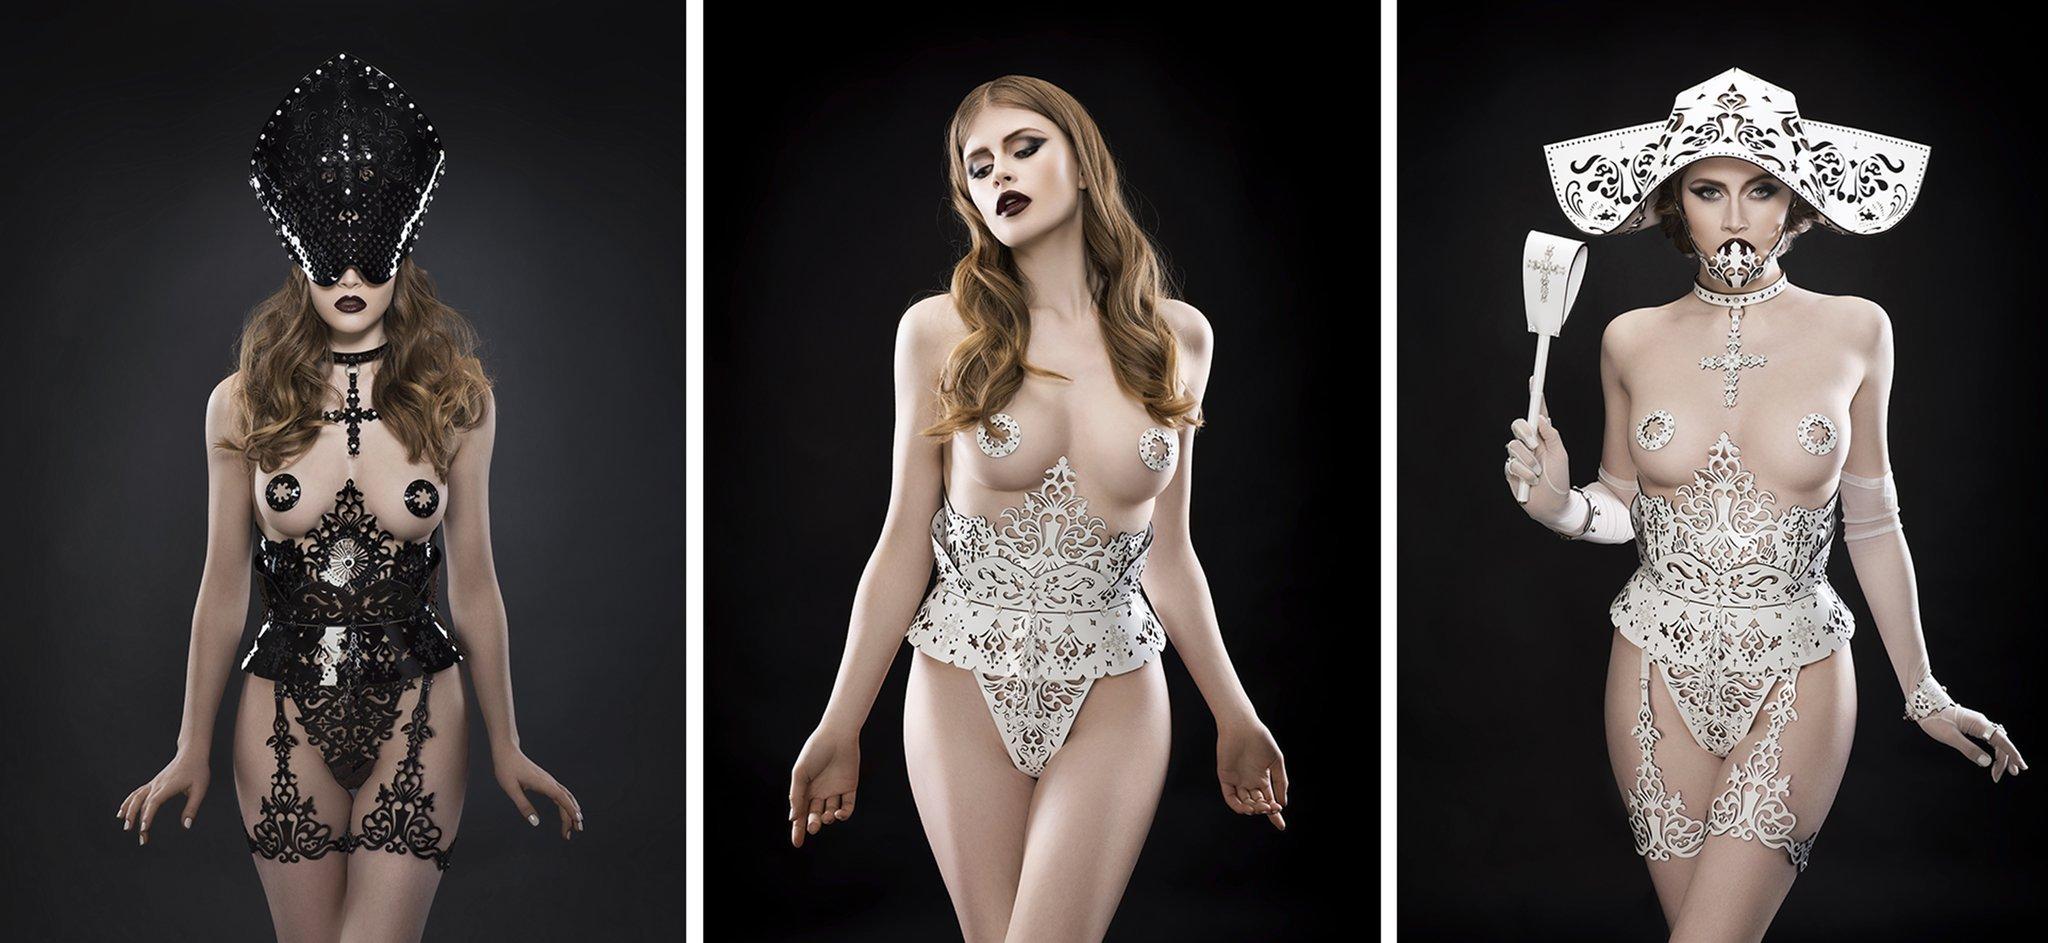 Перфорированная кожа в коллекции нижнего белья и аксессуаров Fraulein Kink Original Sin